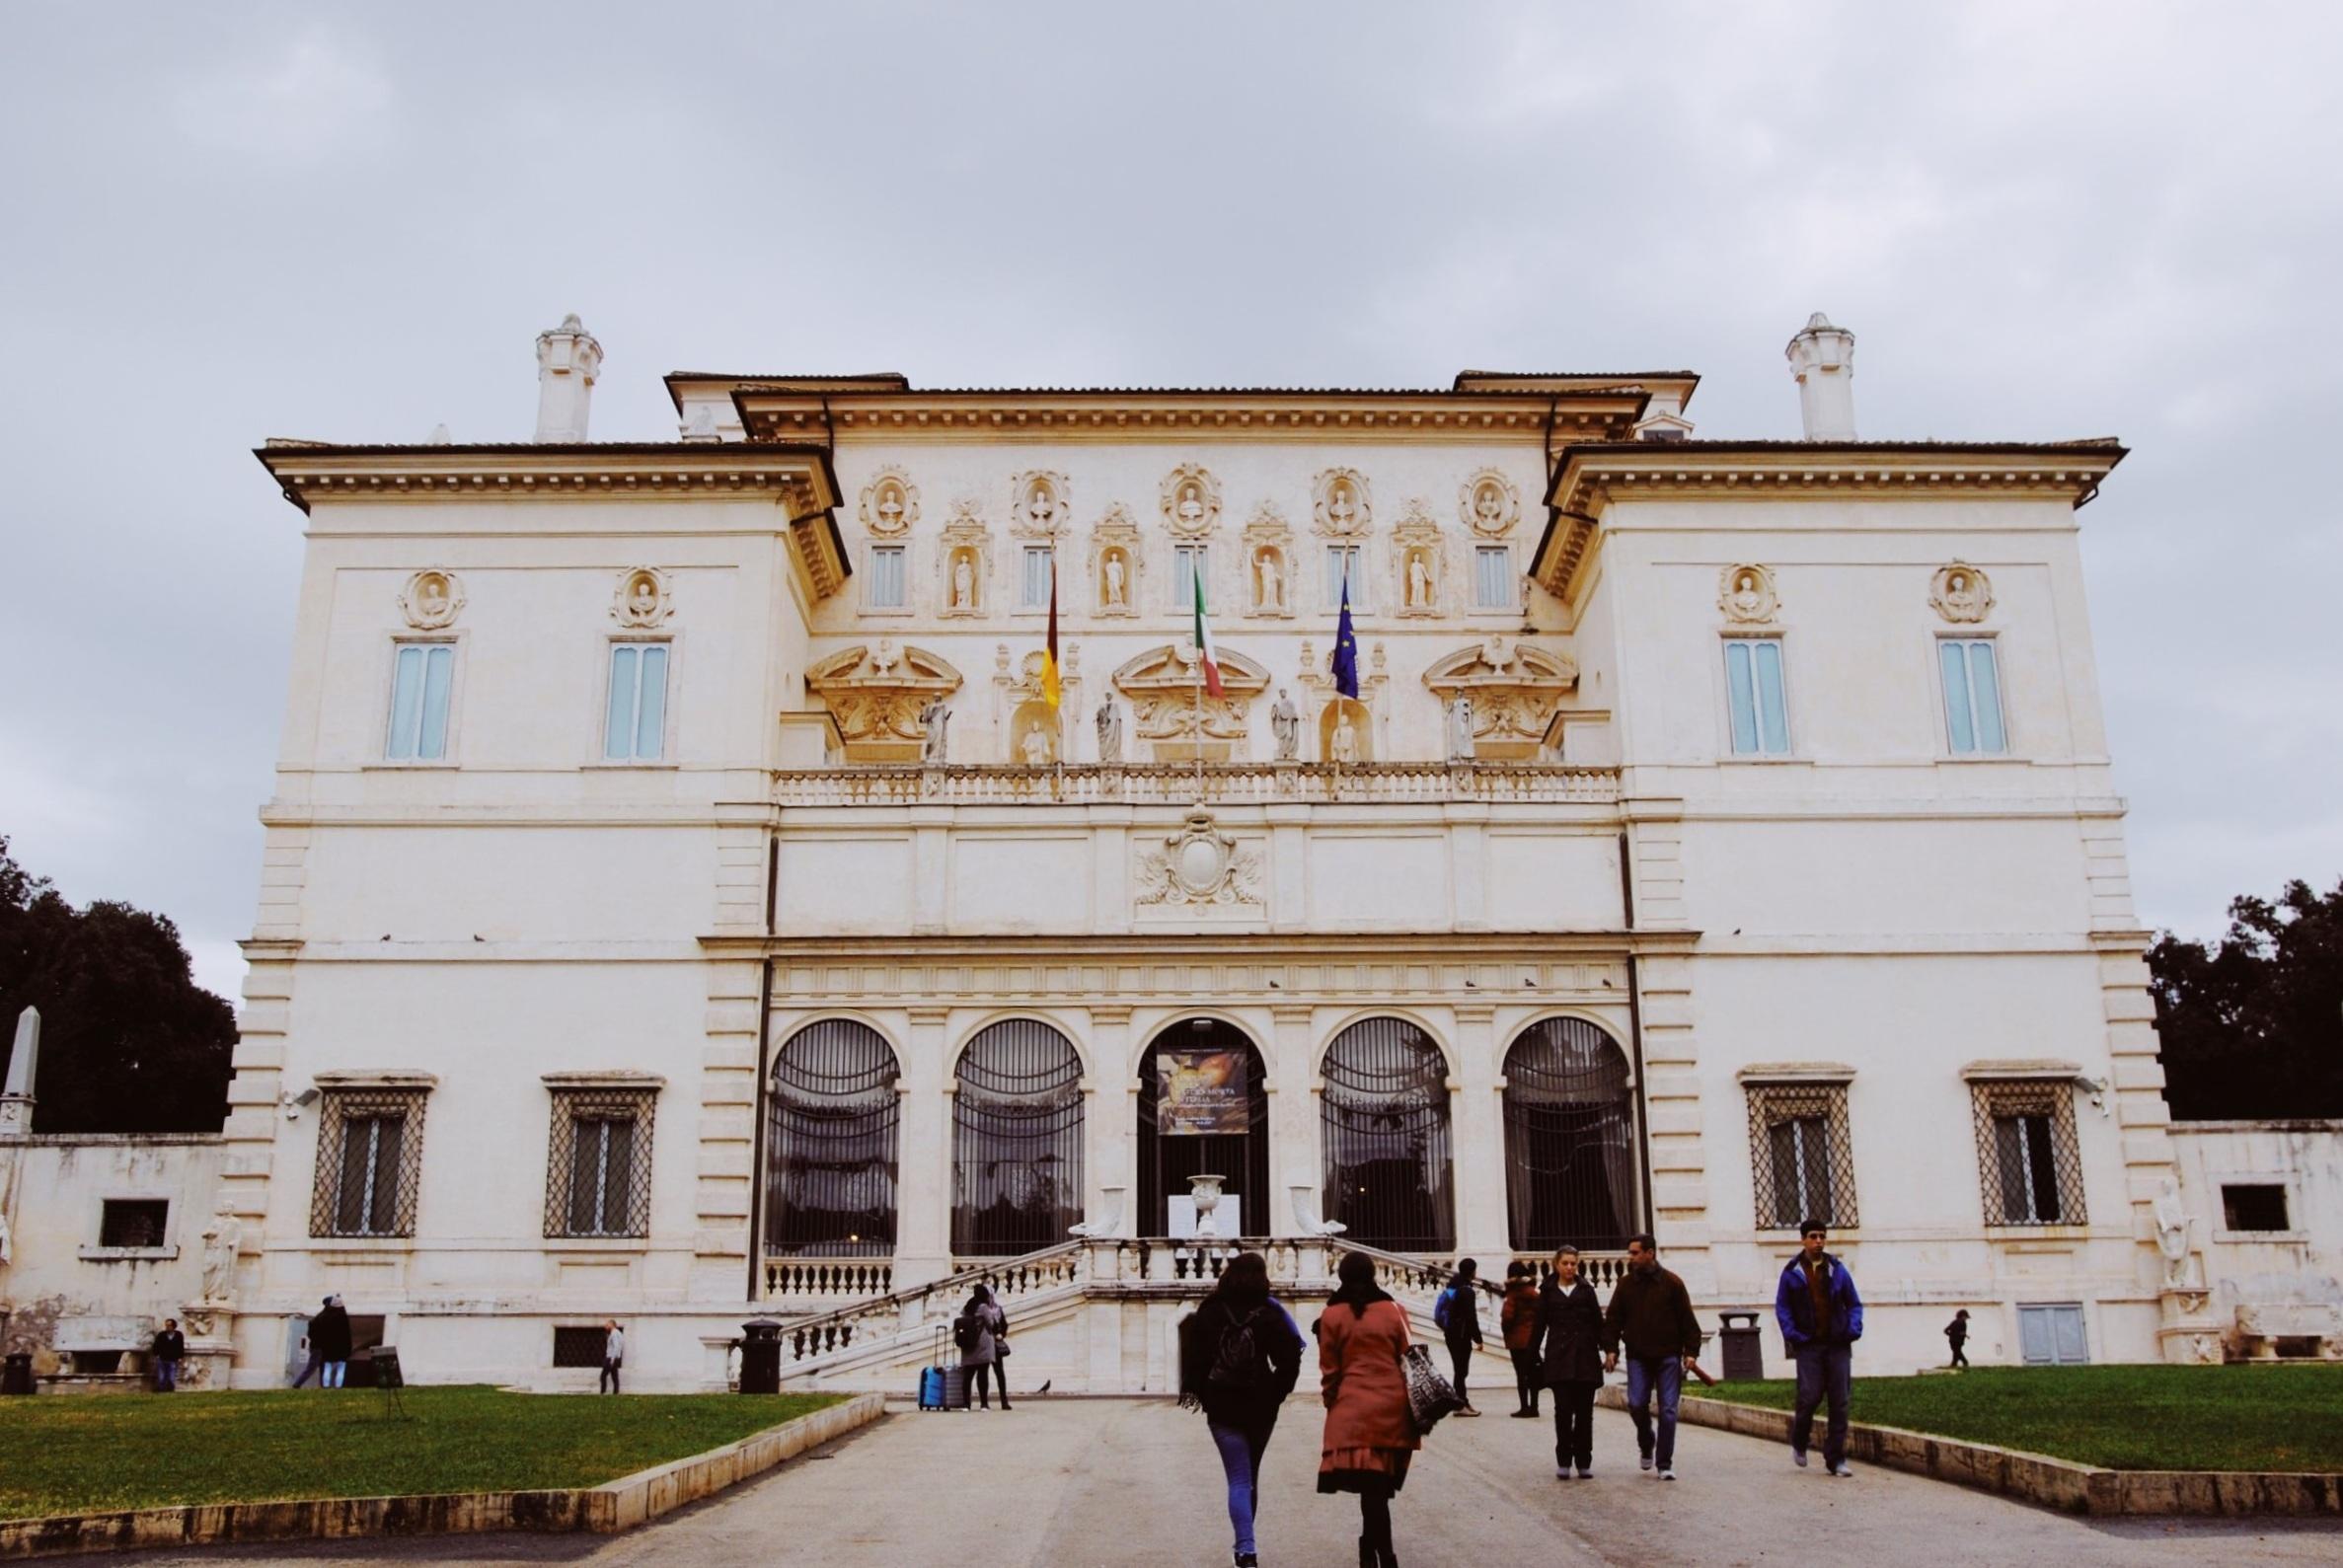 Villa Borghese: No photographs allowed inside!